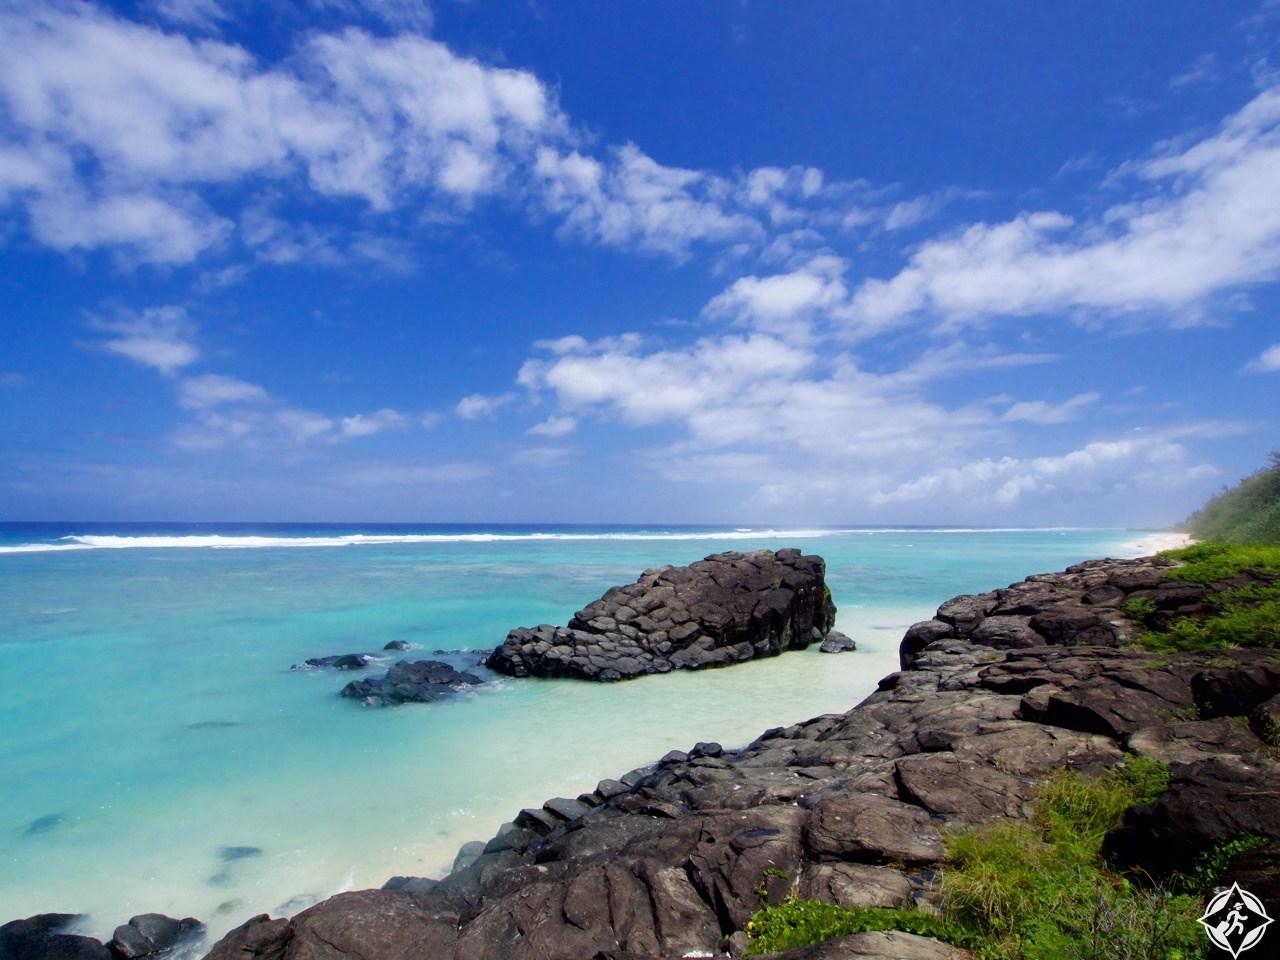 بالصور ..  جزر كوك ..  نجم يسطع في جنوب المحيط الهادئ